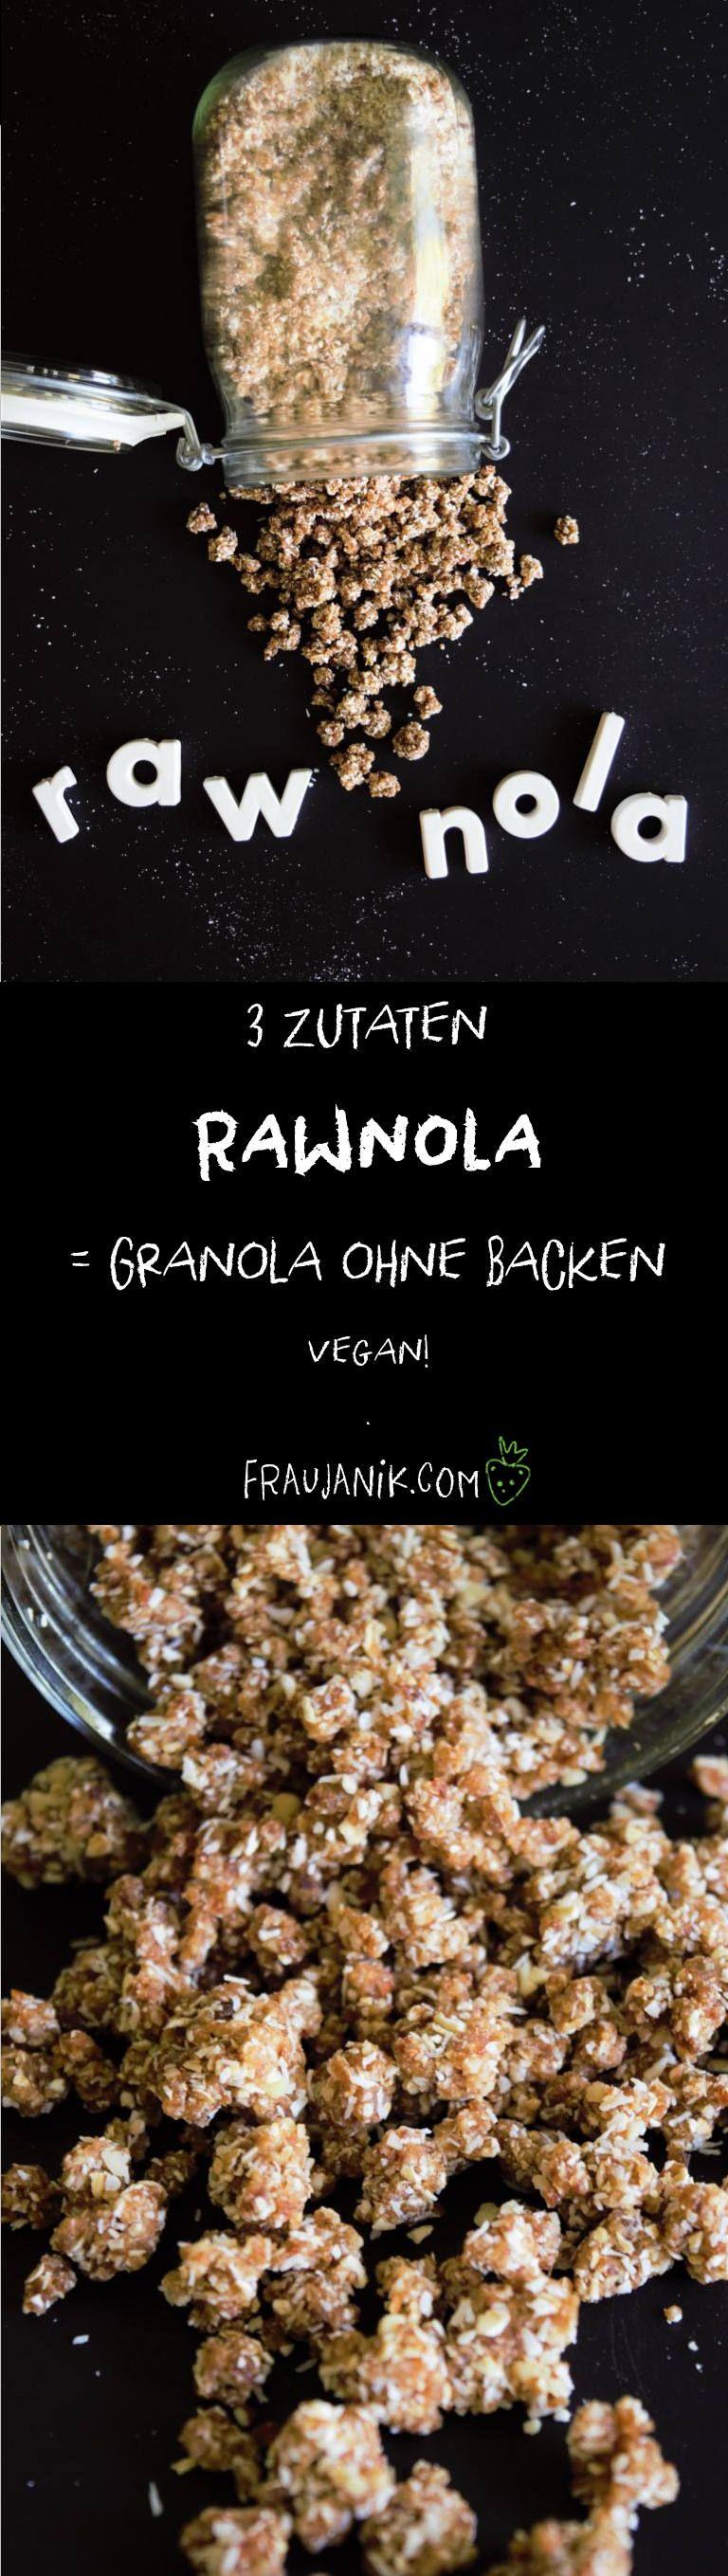 Rawnola Grundrezept - Granola ohne backen vegan, Rohköstlich & ohne Haushaltzucker... Ein anderes Müslitopping